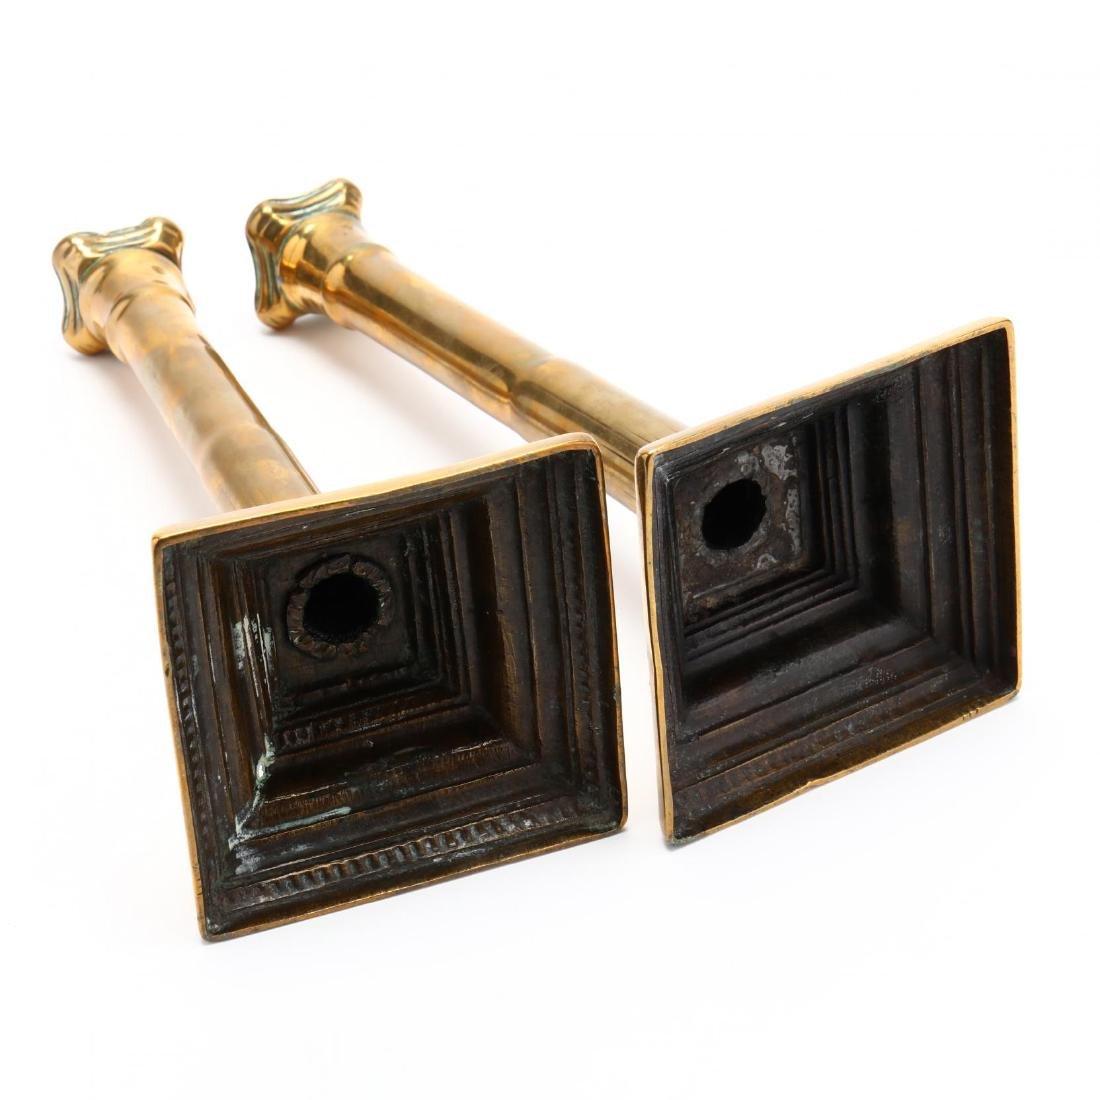 Pair of Antique Brass Candlesticks - 4